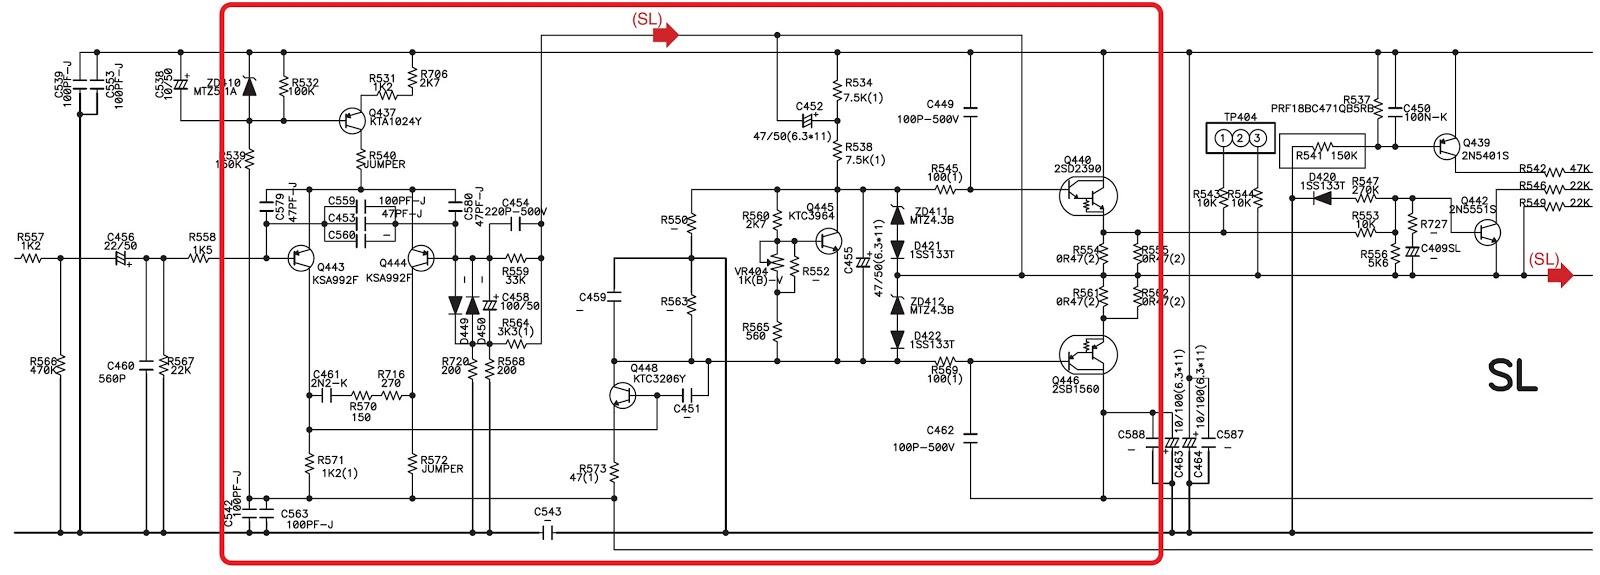 electro help pioneer vsx 821 k av receiver software update procedure idle current adjustment